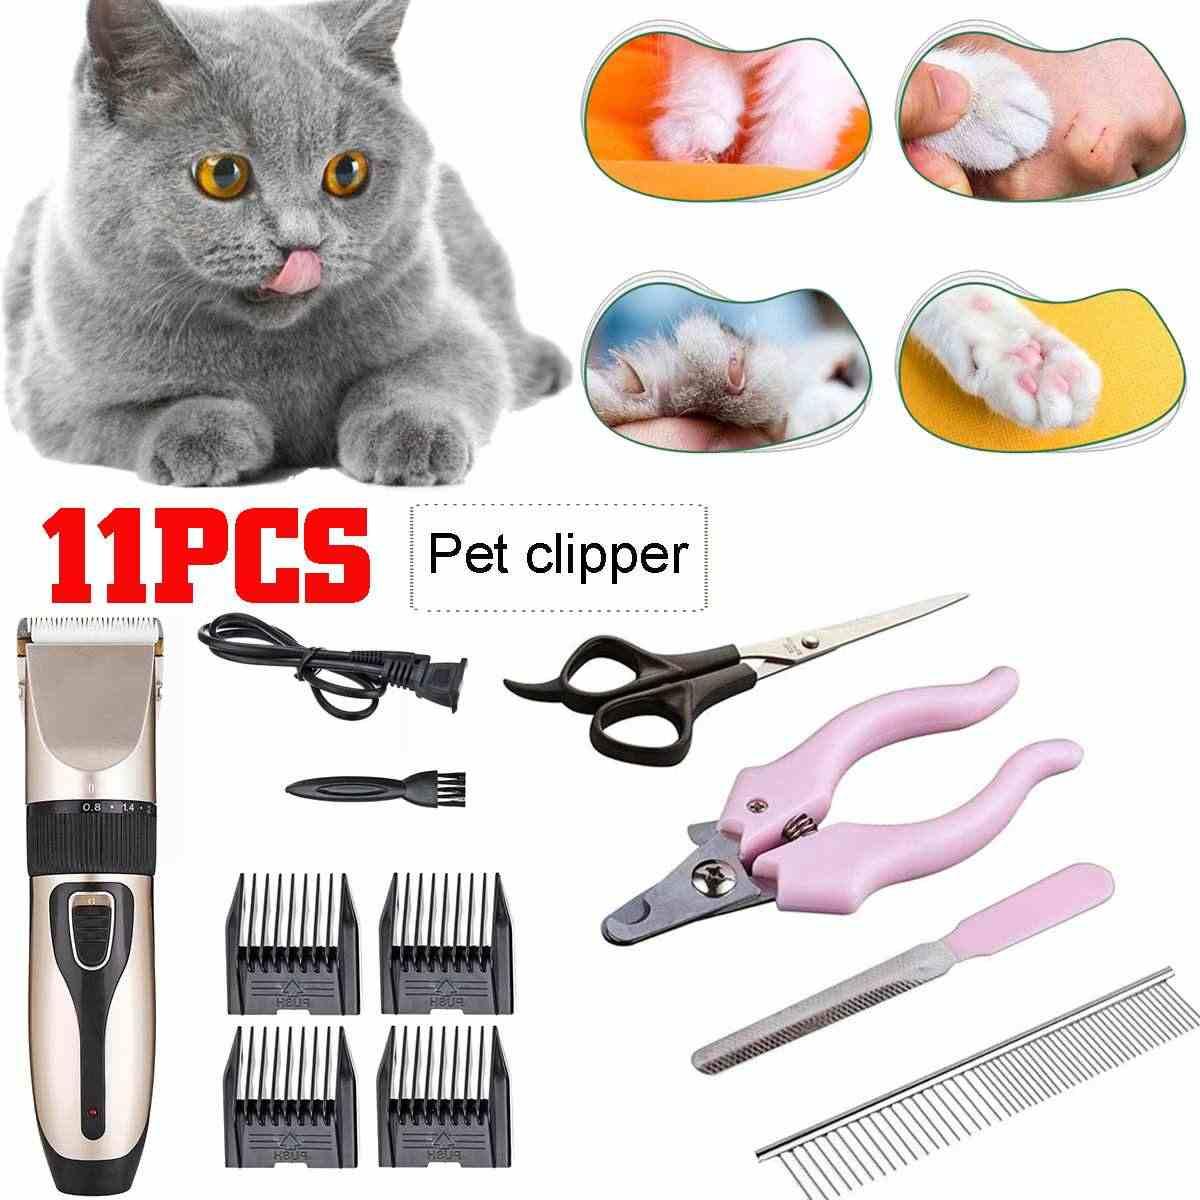 11 個充電式洗える猫犬の毛マニュアルクリッパーくしネイルファイルクリッパー動物トリマー電気ペットの毛カッター機